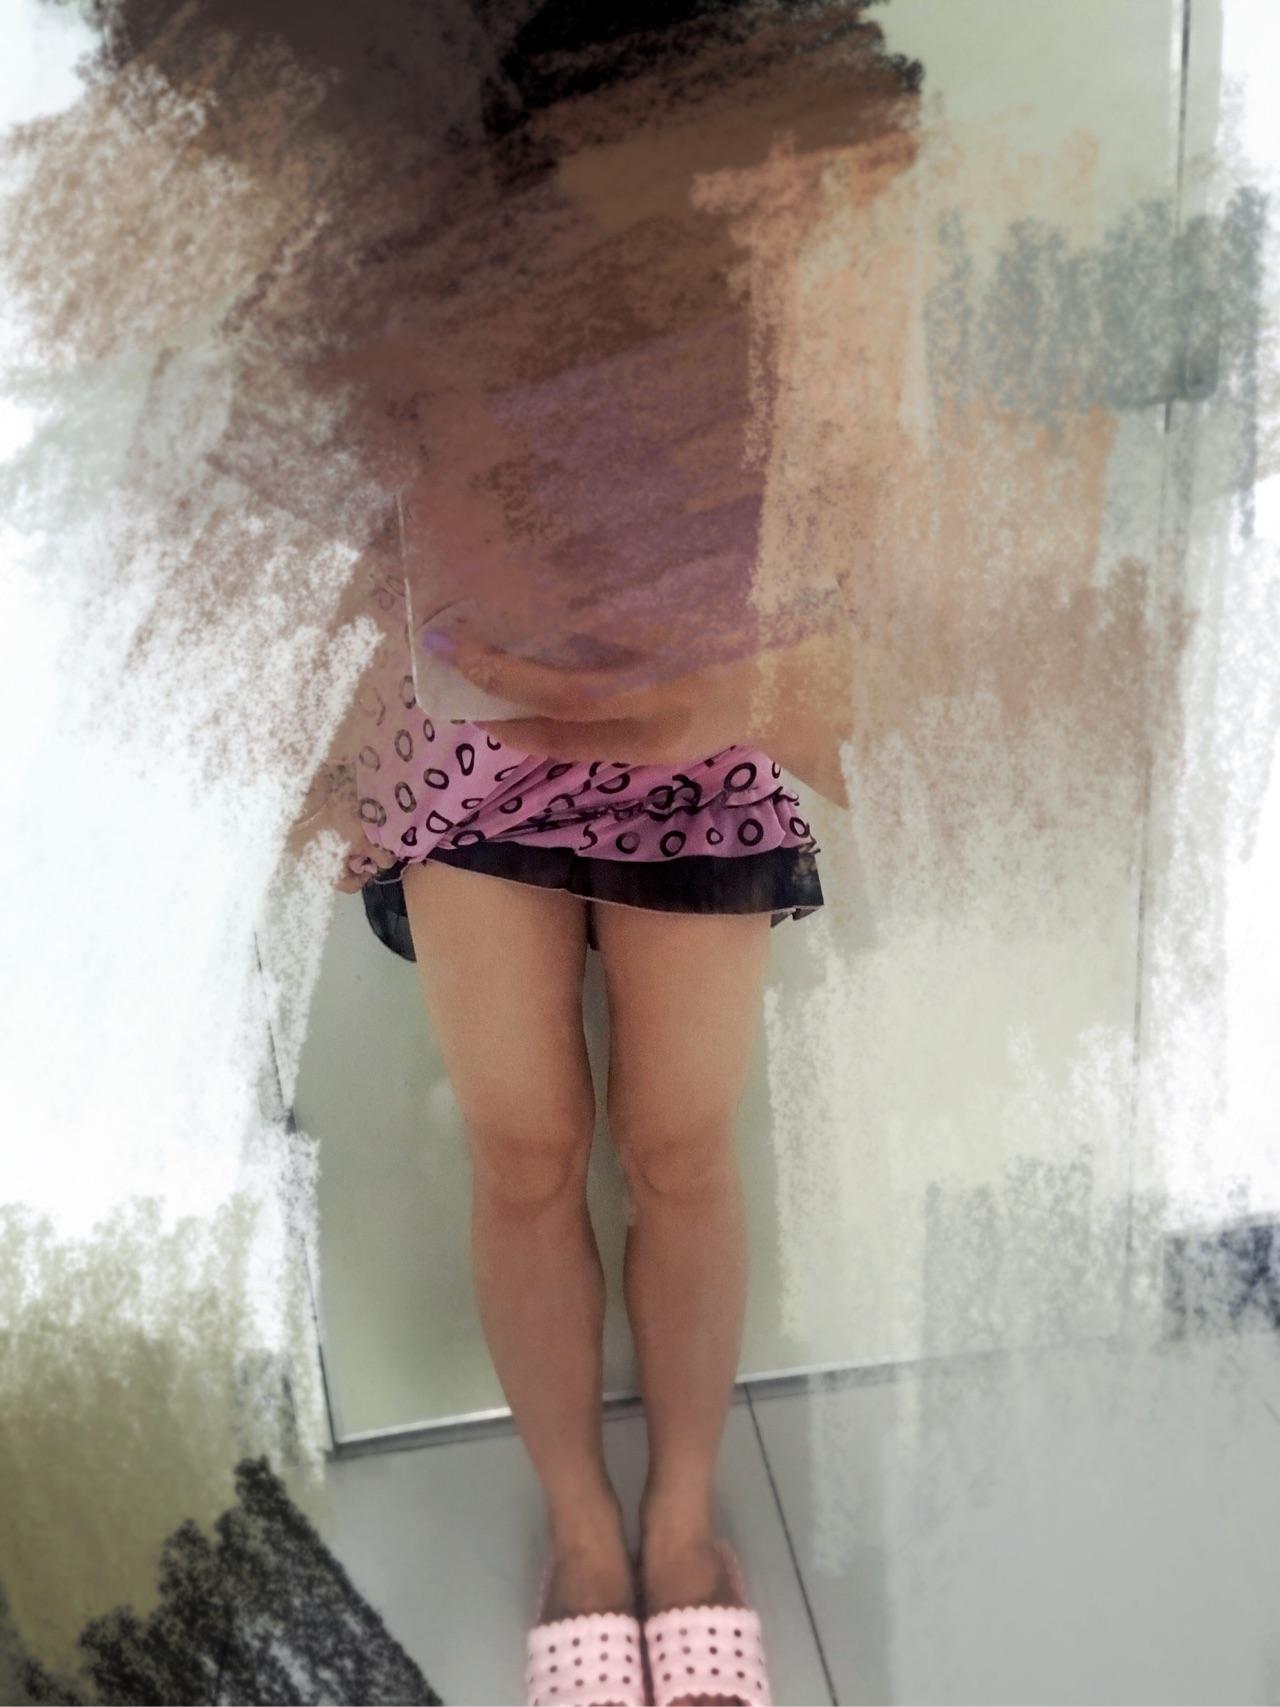 瘦肌肉小腿,有图…很粗,或者把它瘦身连衣裙夏天一3545恢复